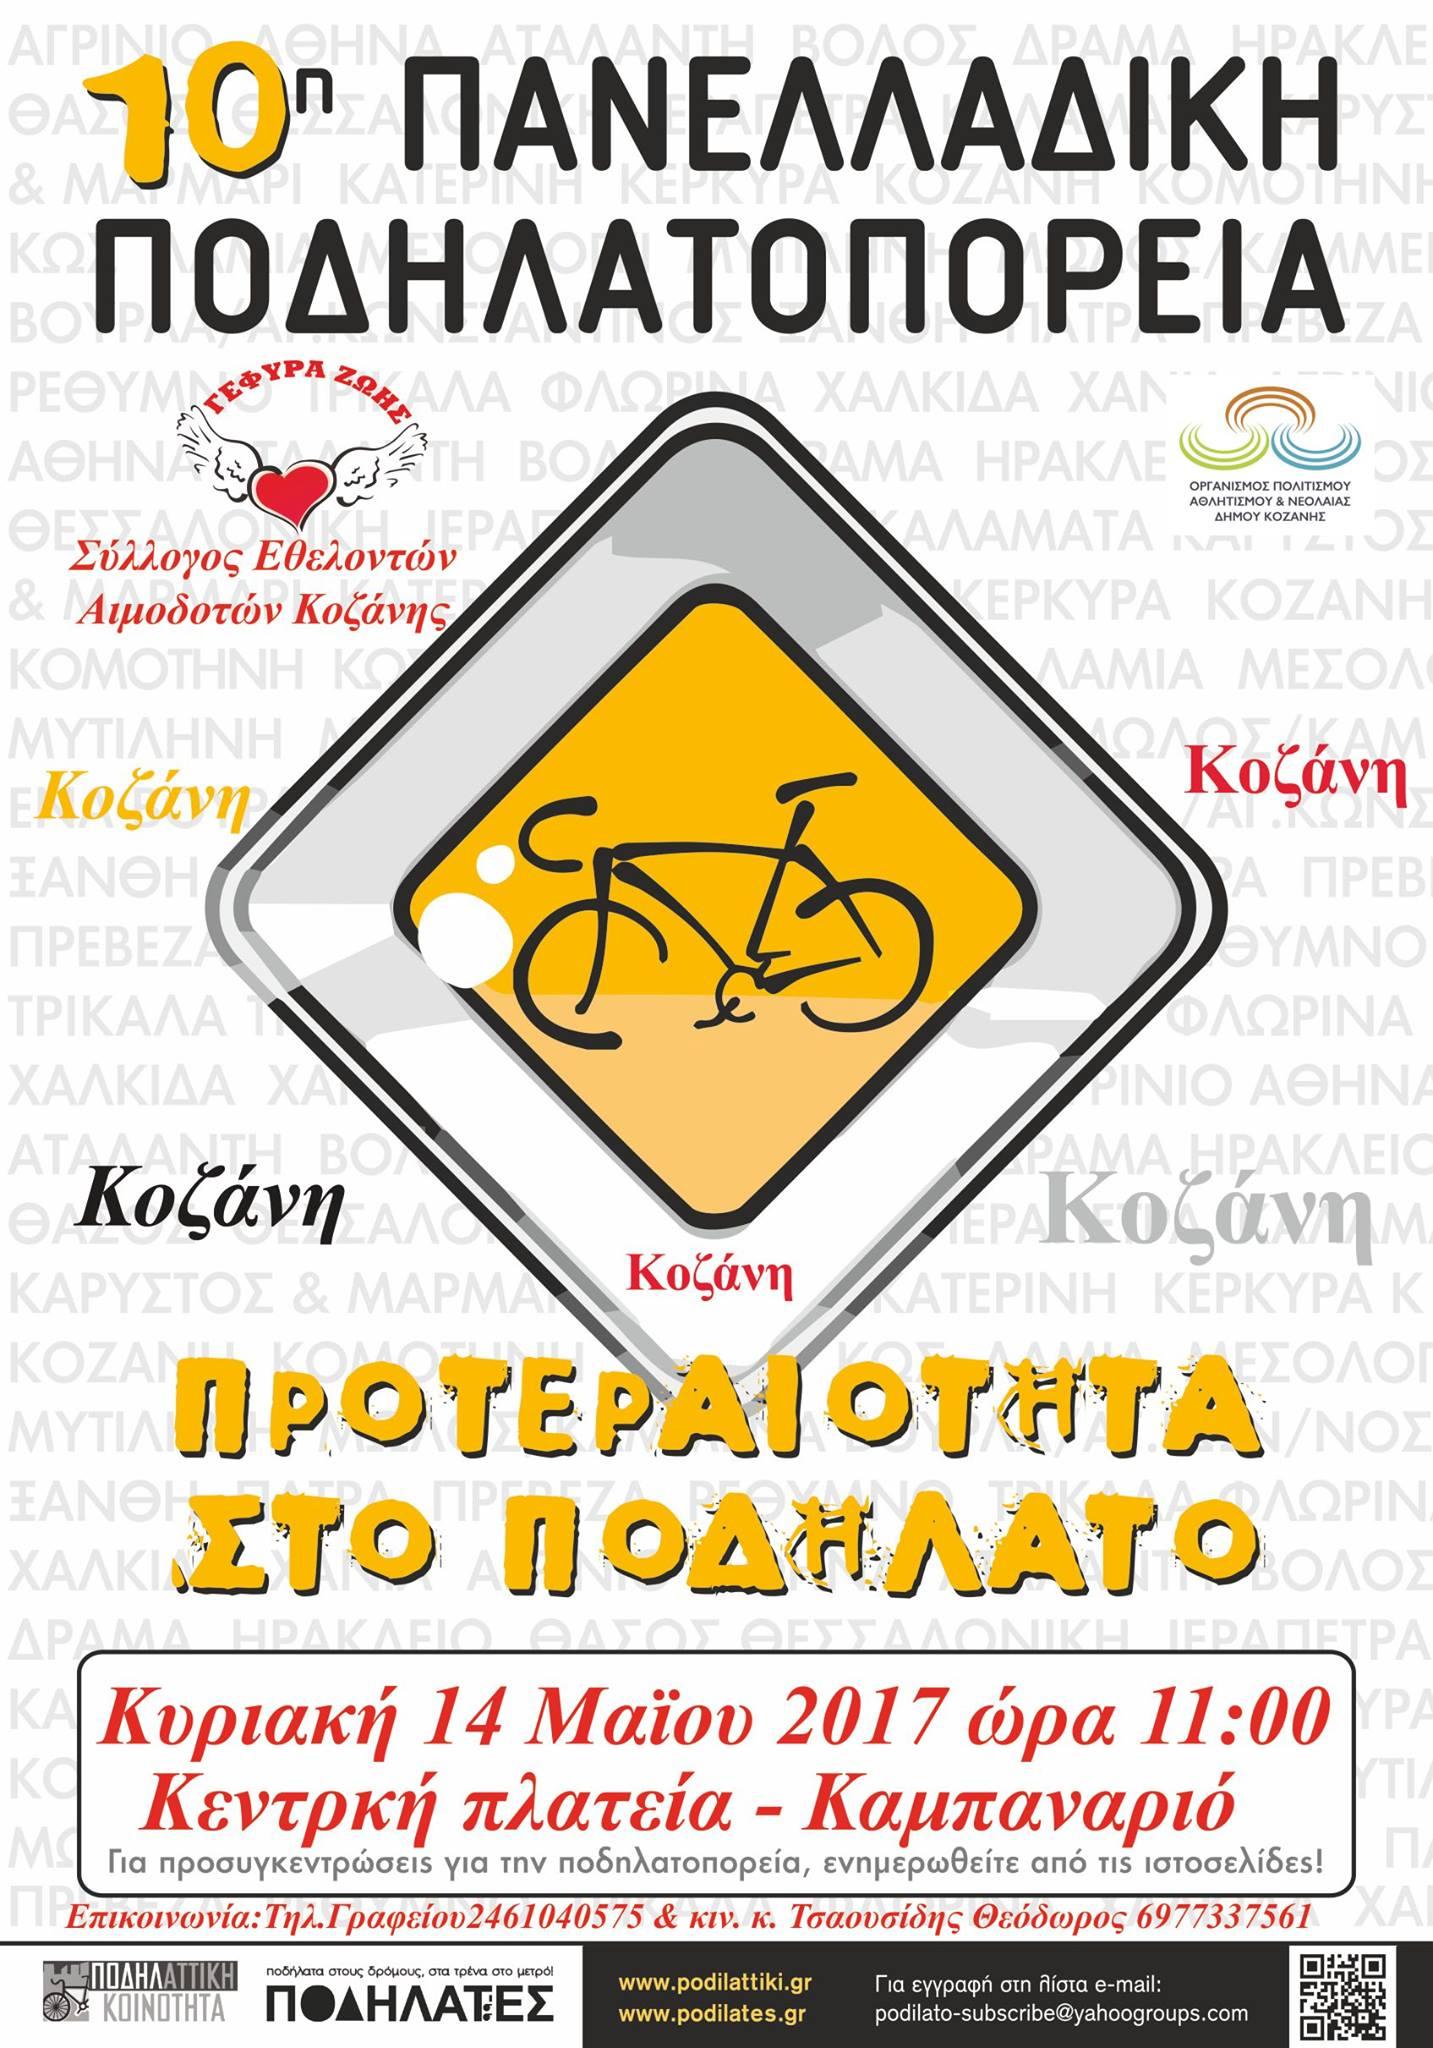 Σύλλογος Εθελοντών Αιμοδοτών Κοζάνης:  10η Πανελλήνια Ποδηλατοπορεία, την Κυριακή 14 Μαΐου